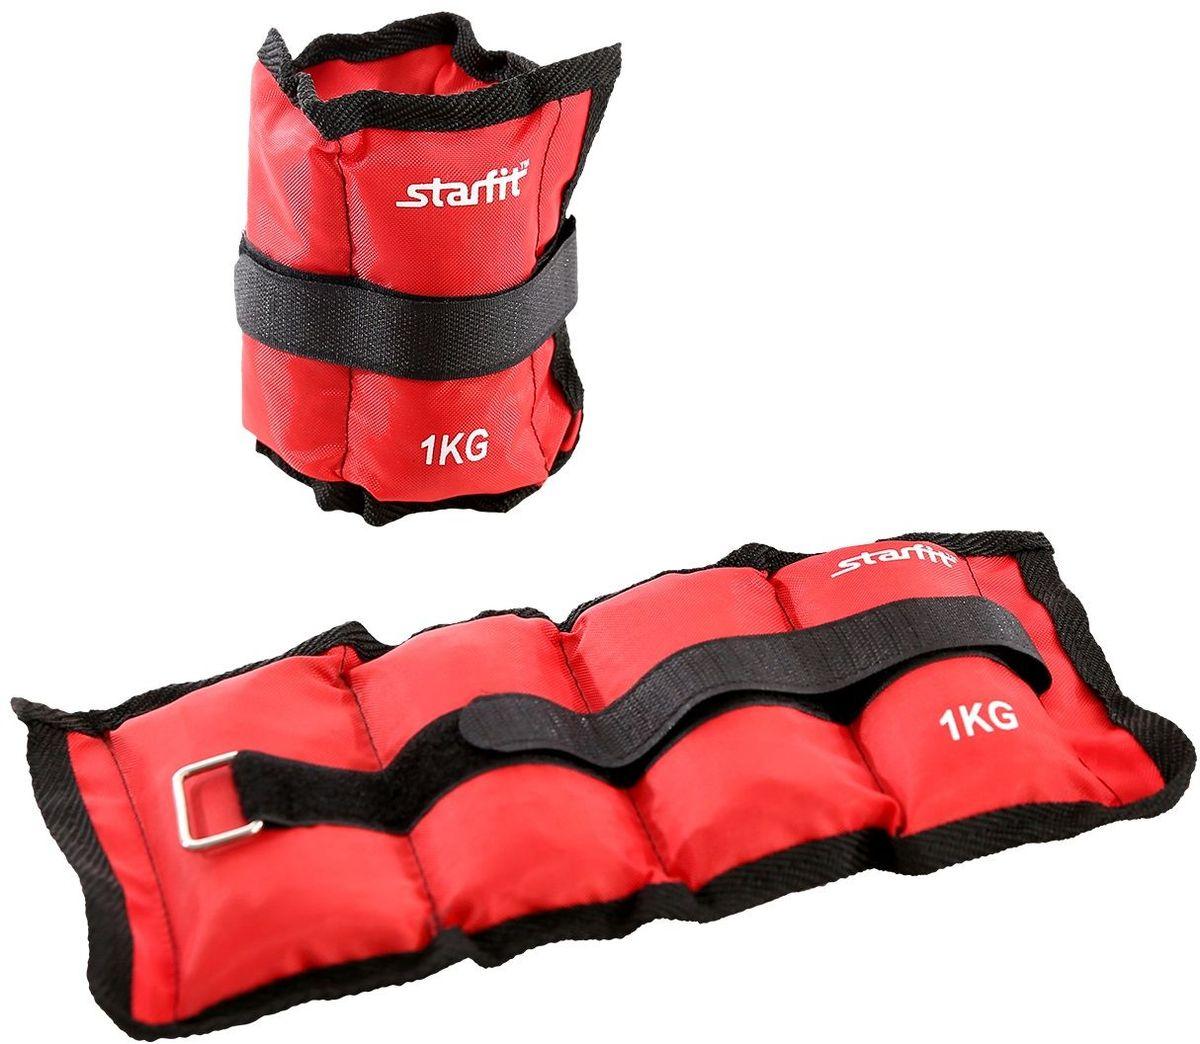 Утяжелители Starfit WT-401, цвет: красный, 1 кг, 2 шт эспандеры starfit эспандер starfit es 702 power twister черный 50 кг